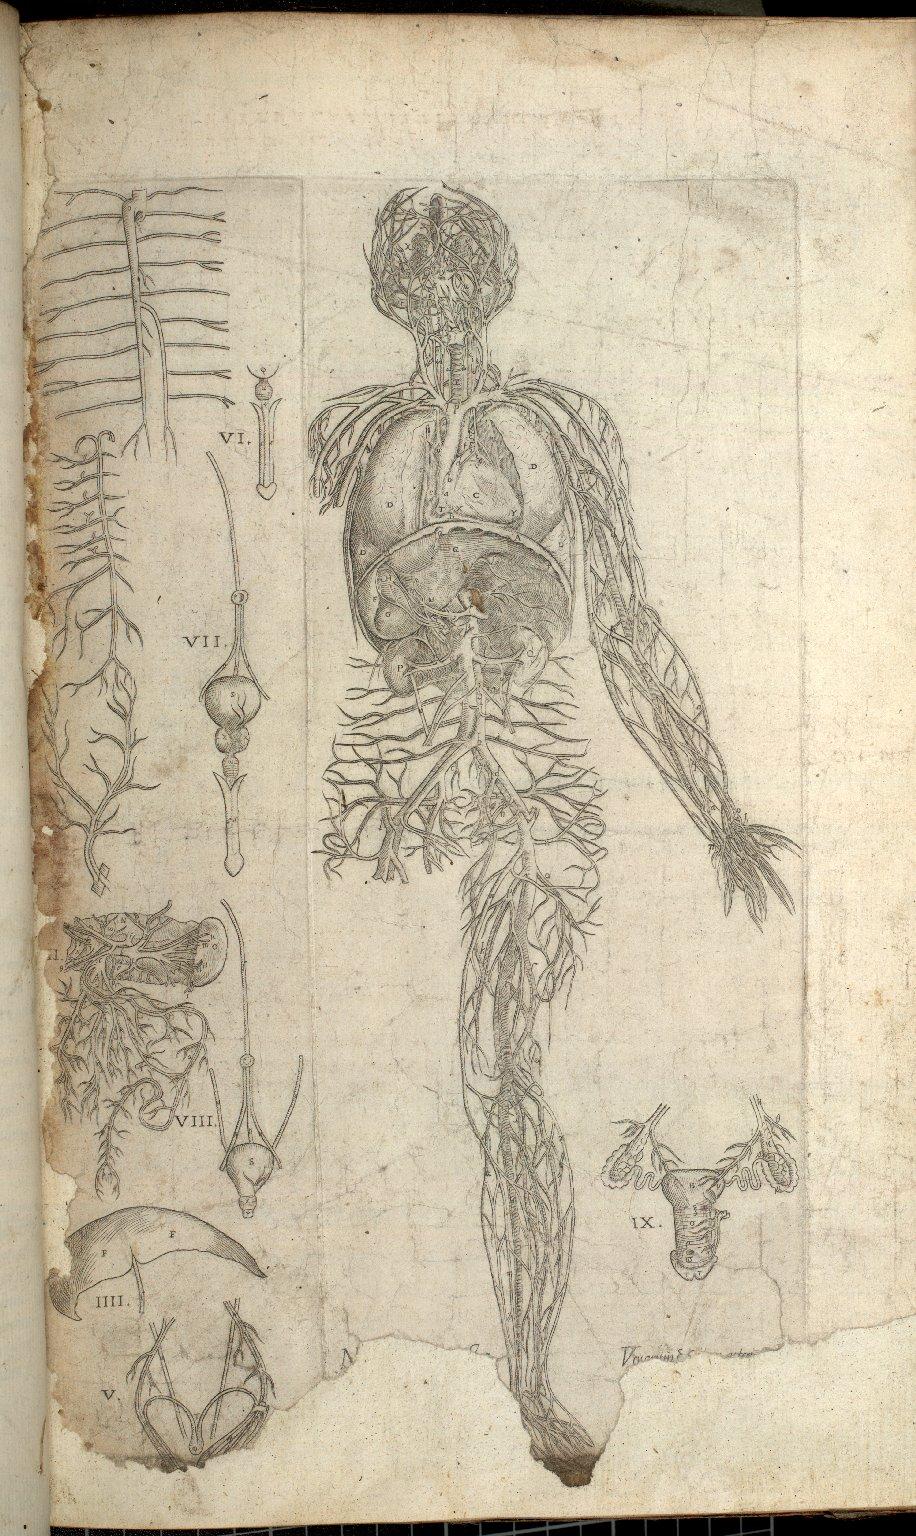 Nona ac postrema huius tractatus Figura. Venarum et item arteriarum omnium integra absolutaque delineationem continet